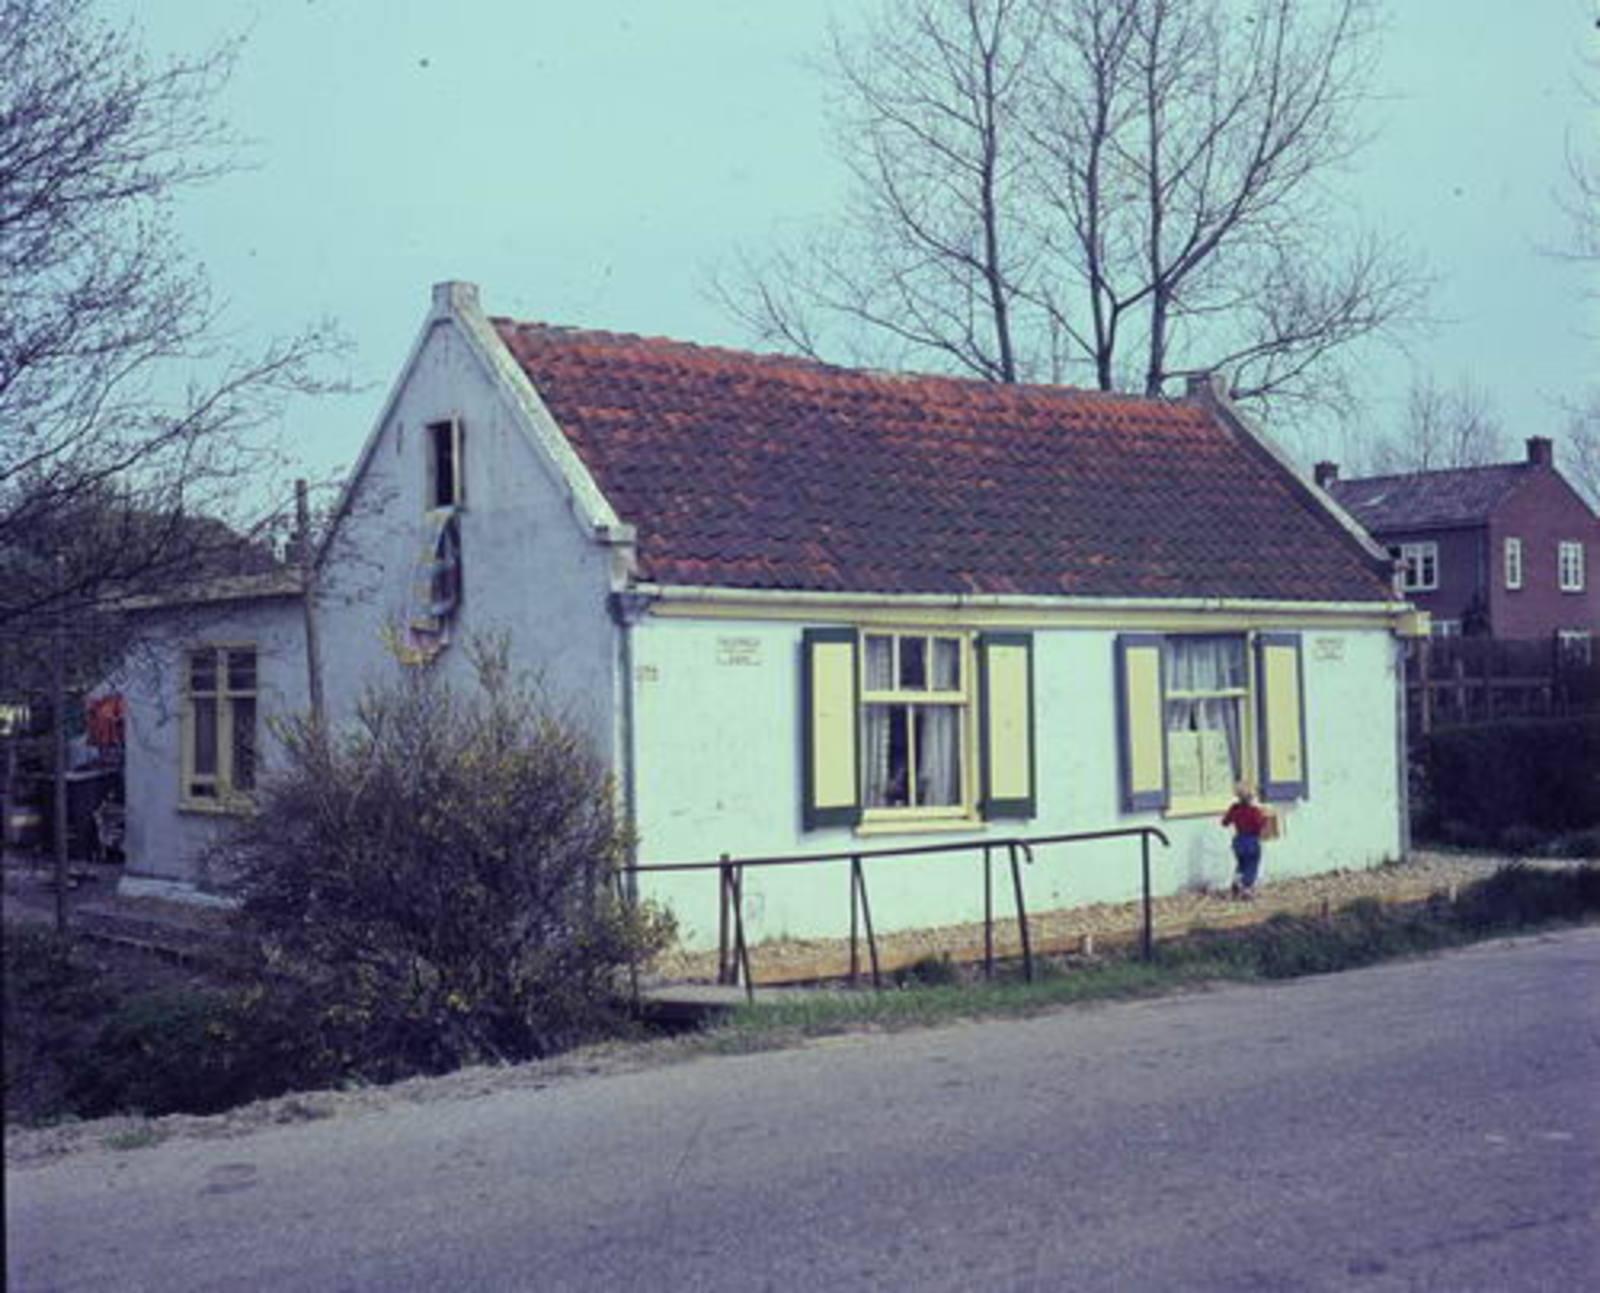 Bennebroekerweg N 0571 19__ Daggeldershuisje